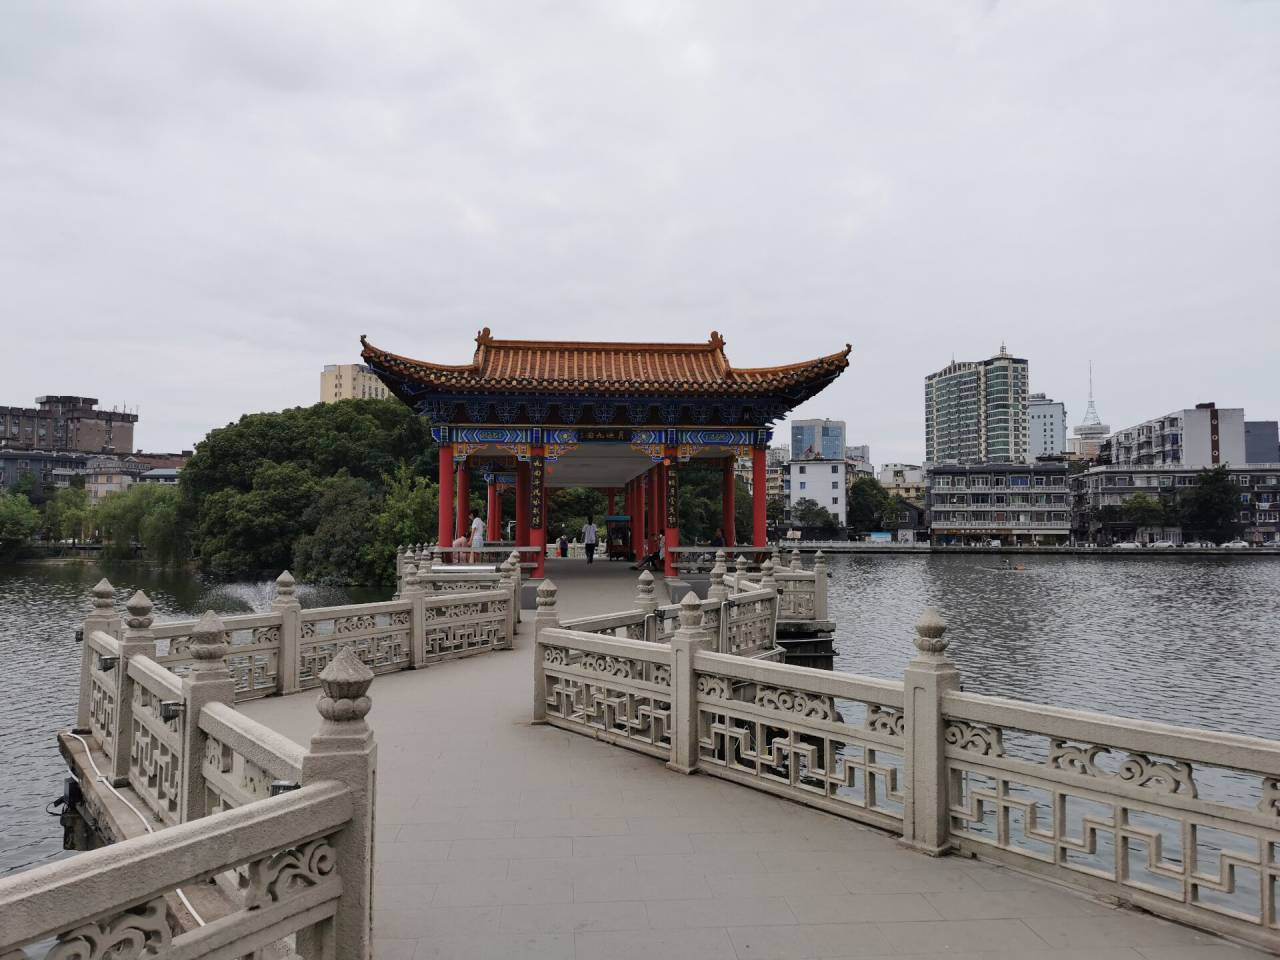 南昌之东湖05.jpg